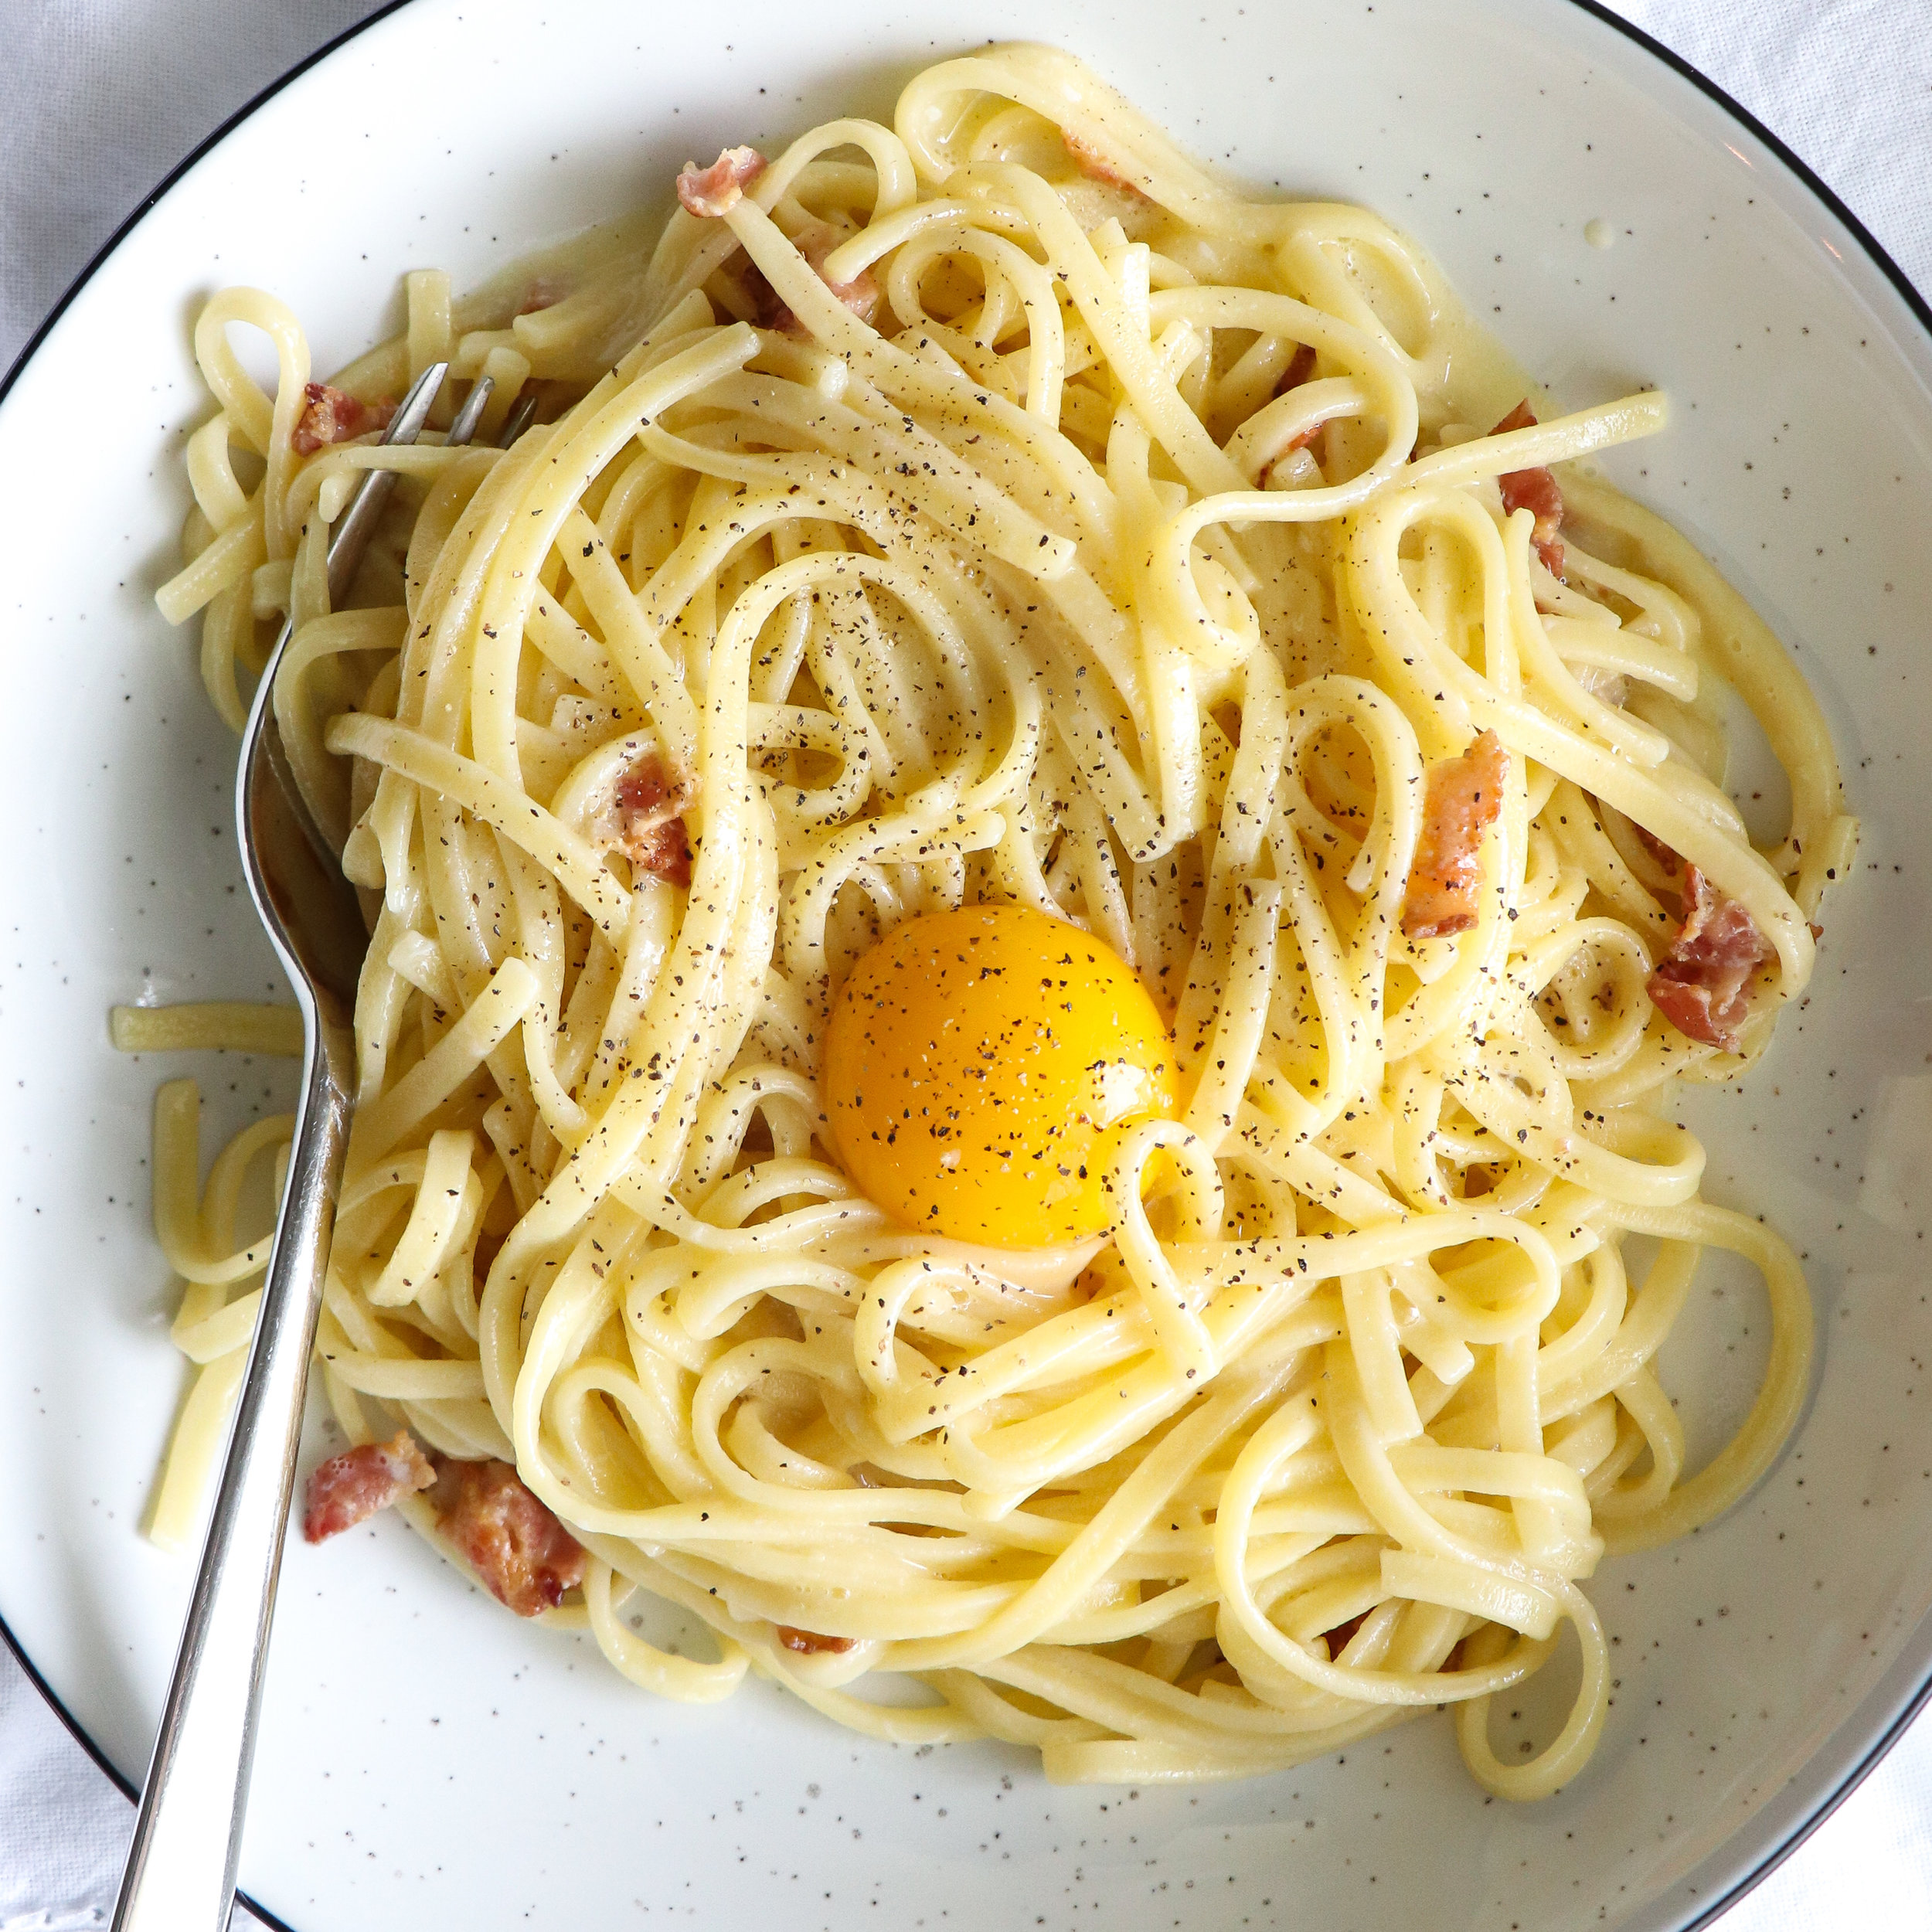 dairy free spaghetti carbonara.jpg